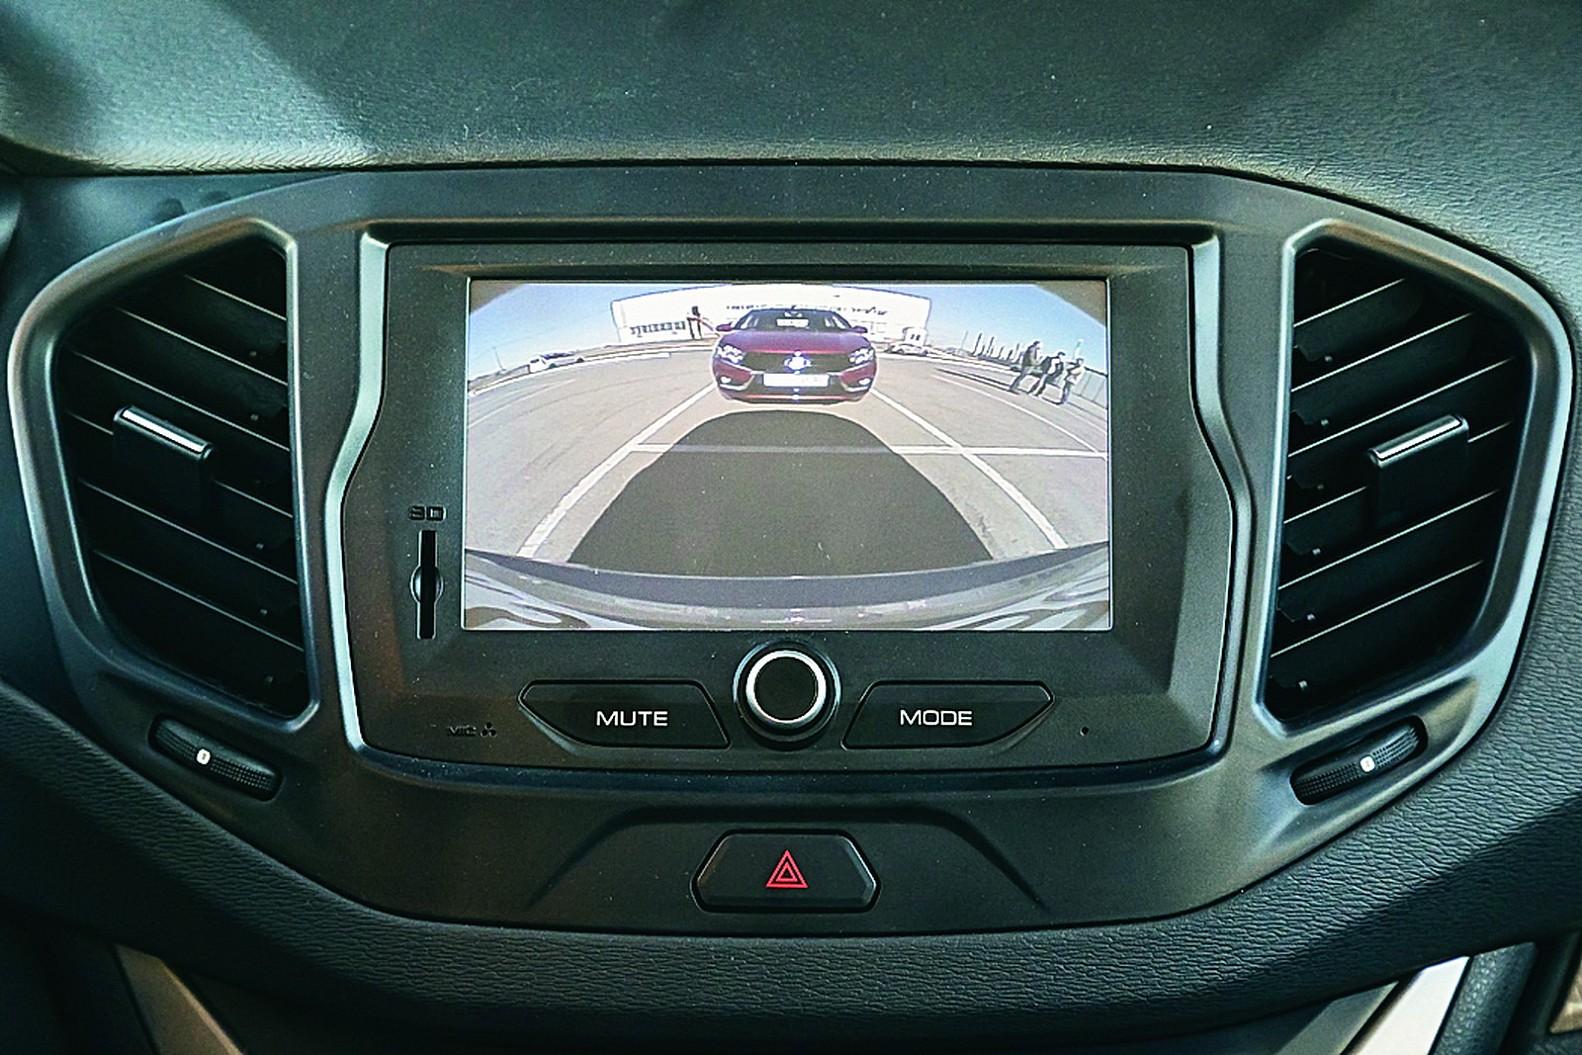 Lada Vesta камера заднего вида